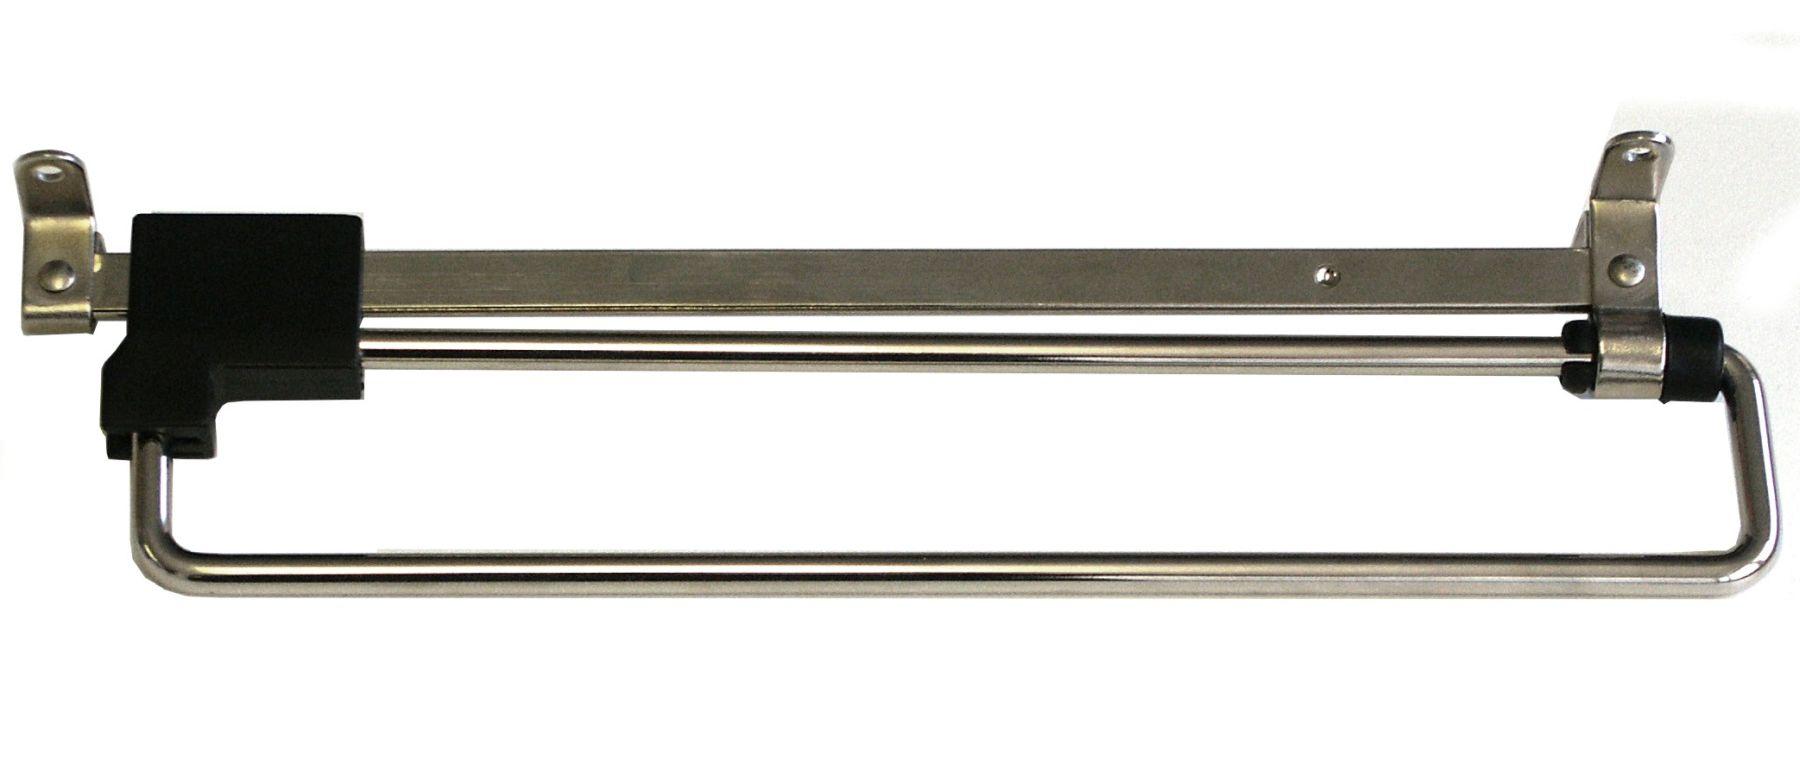 531 Garderobenhalter extensible perchas extracto perchas soporte garderobenstange